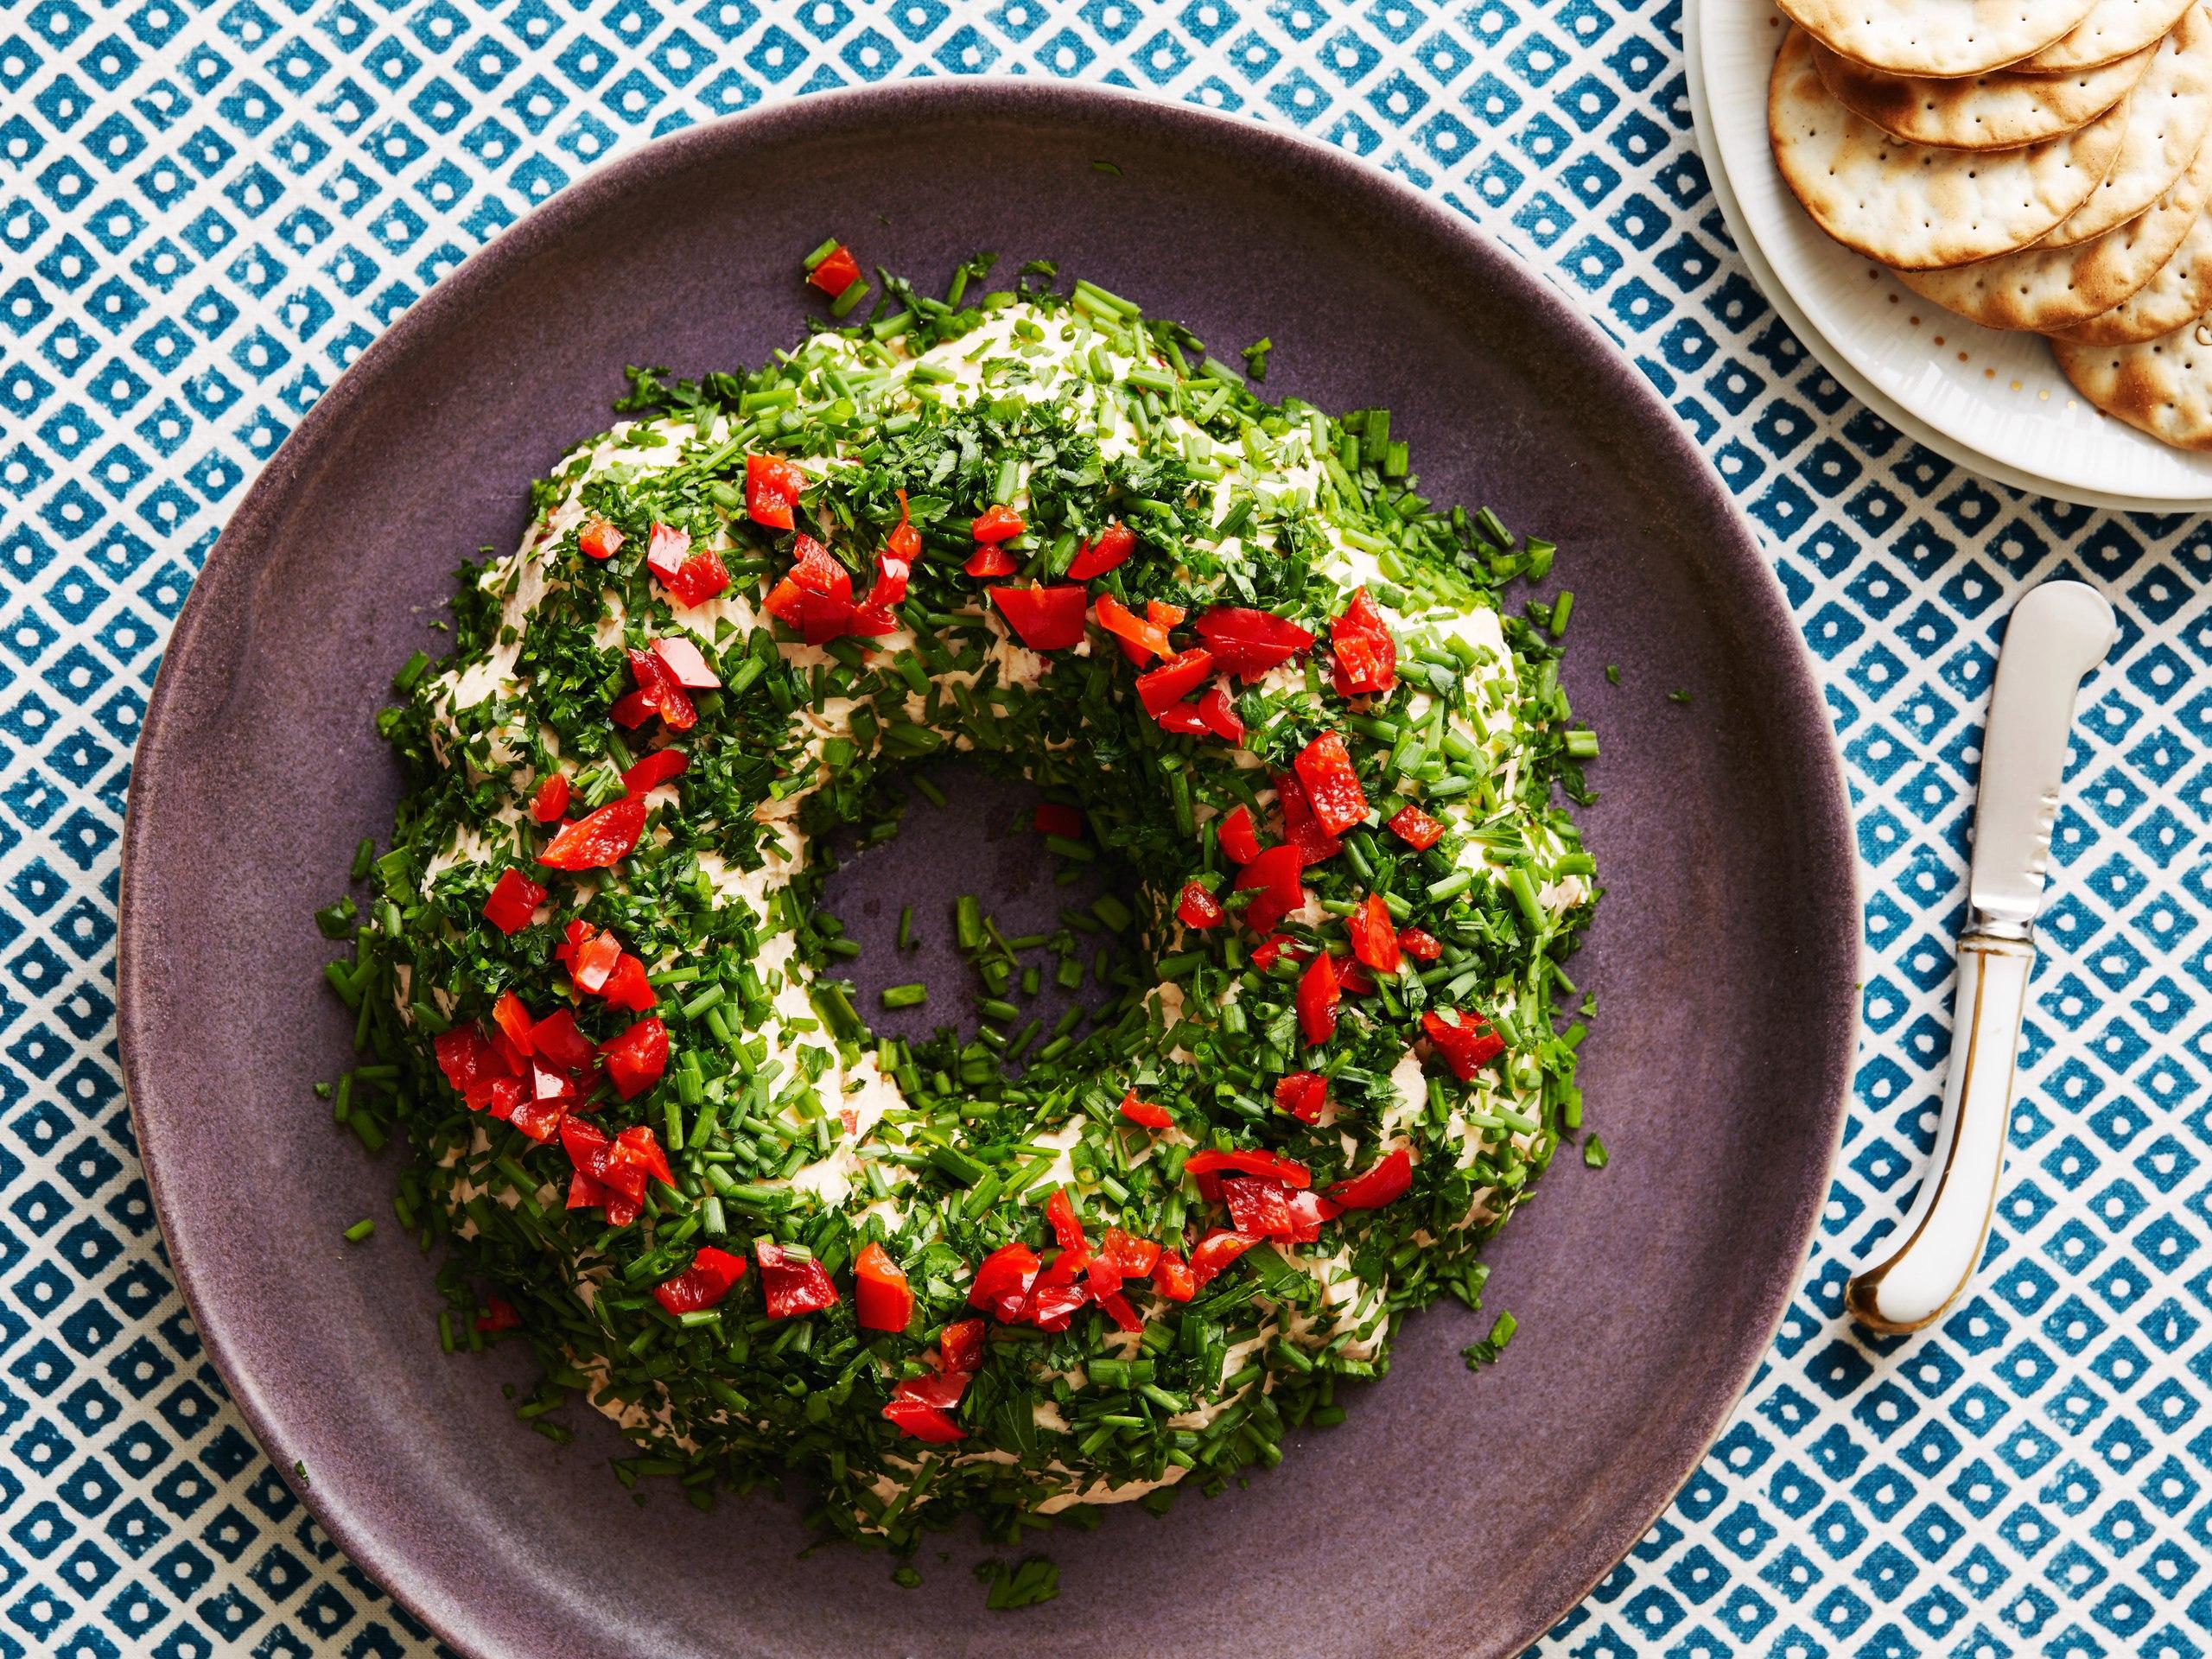 Топ-6 ідей, як швидко прикрасити свої страви до Нового року (ФОТО)